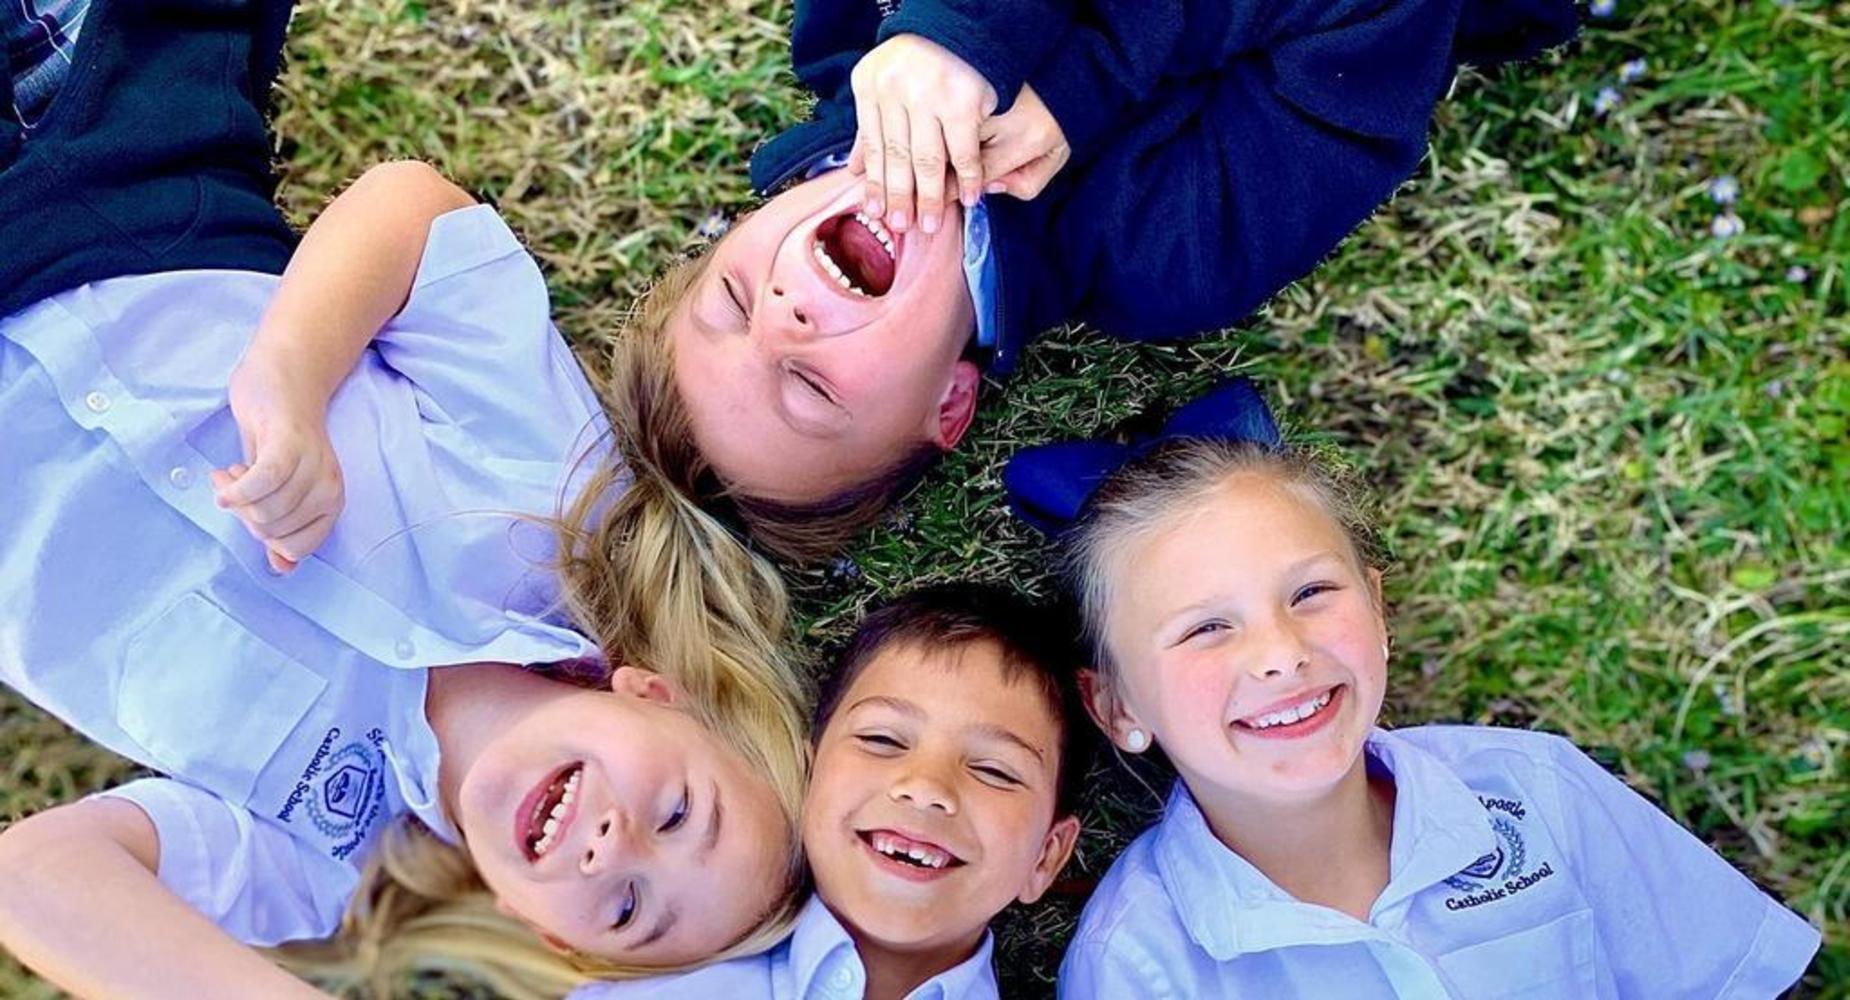 Kids lying in circle